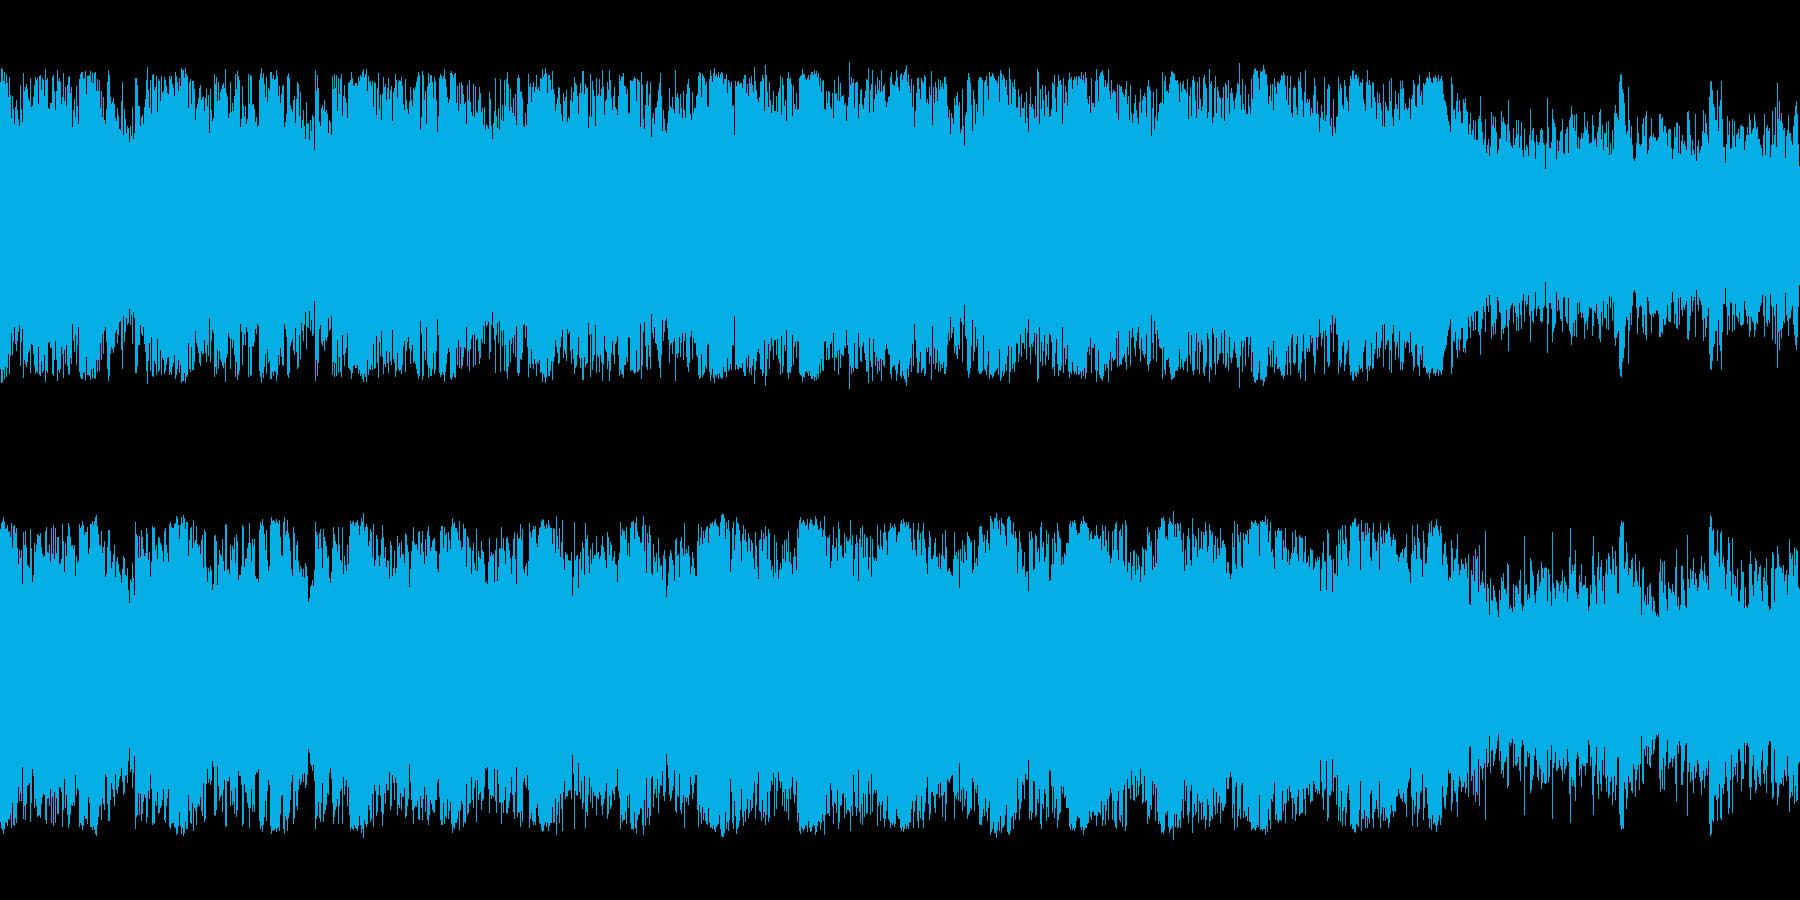 緊迫感のあるオーケストラ編成の暗いBGMの再生済みの波形